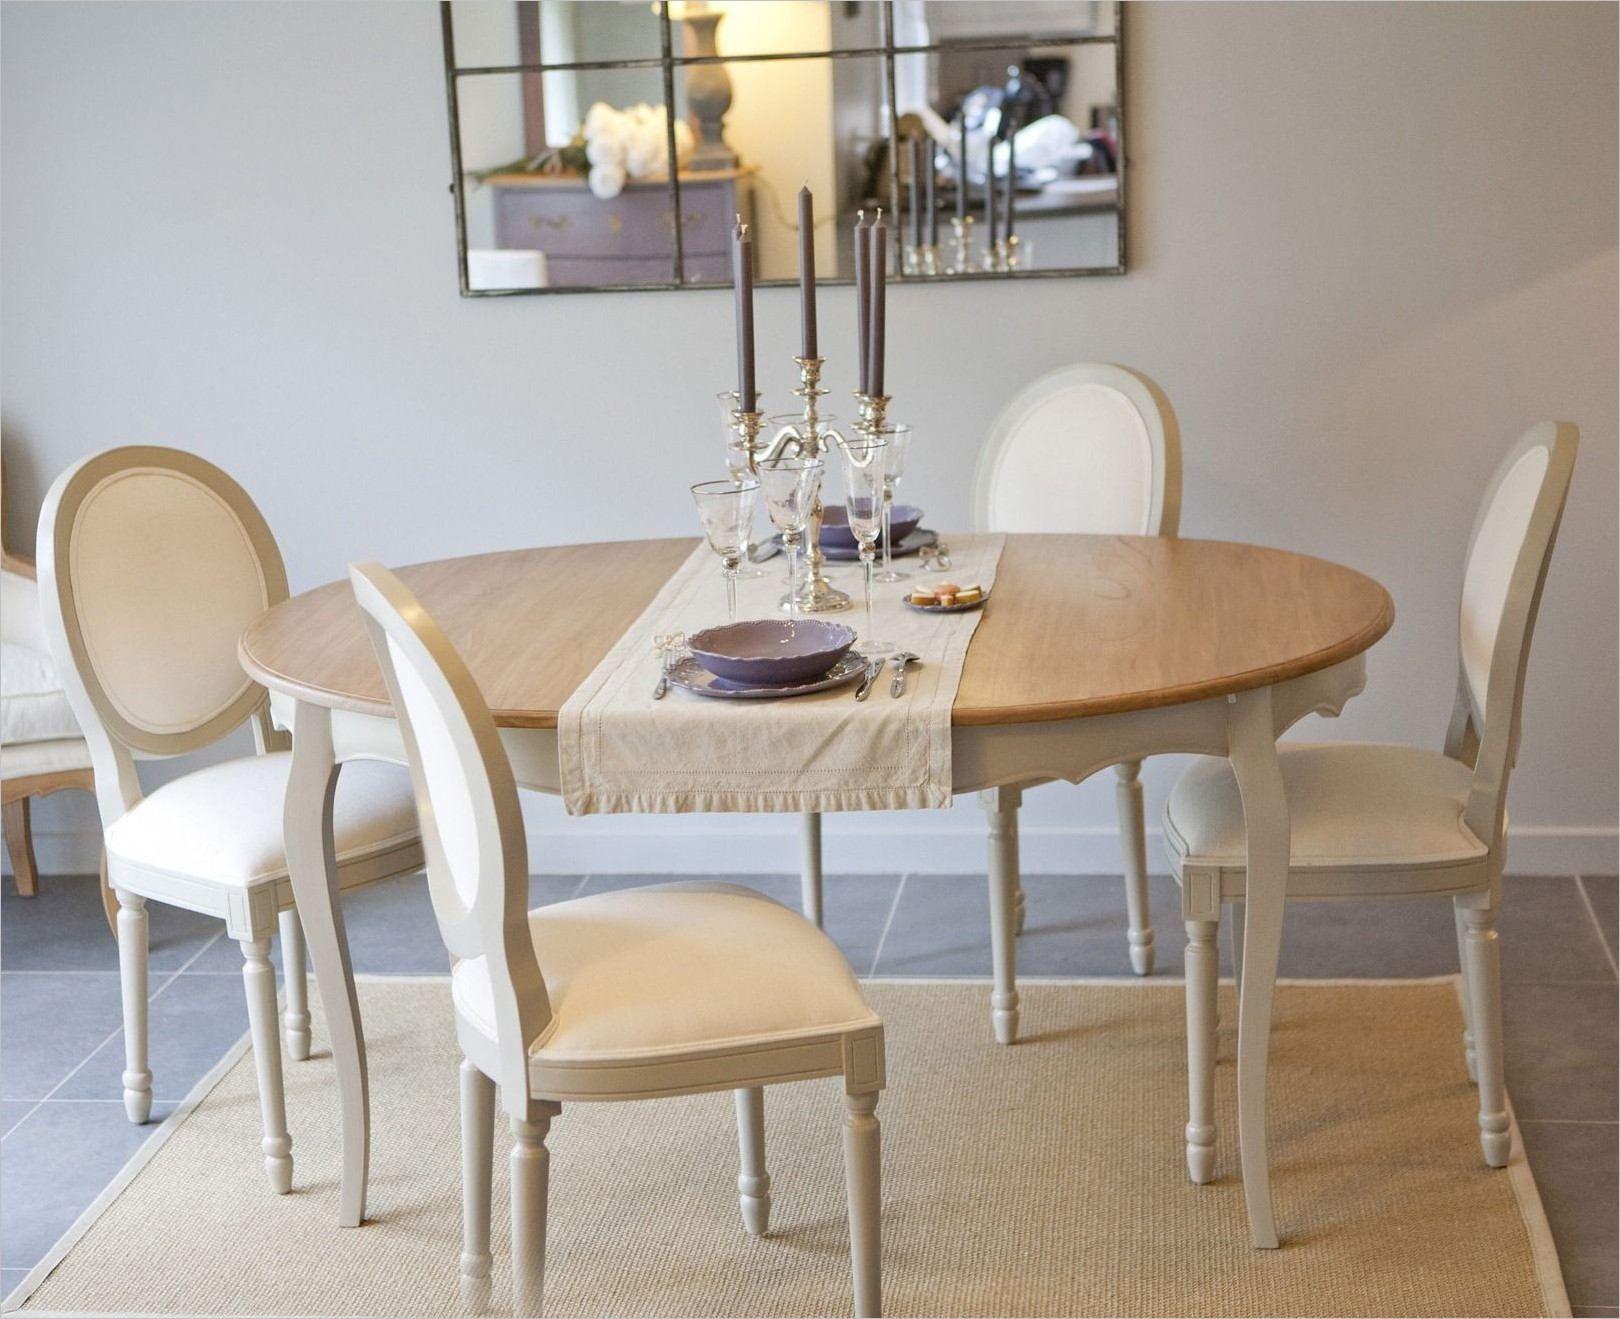 Deco Sur Table Salla A Manger Chic Avec Chaise Medaillon Deco Salle A Manger Chaise Medaillon Deco Maison Interieur